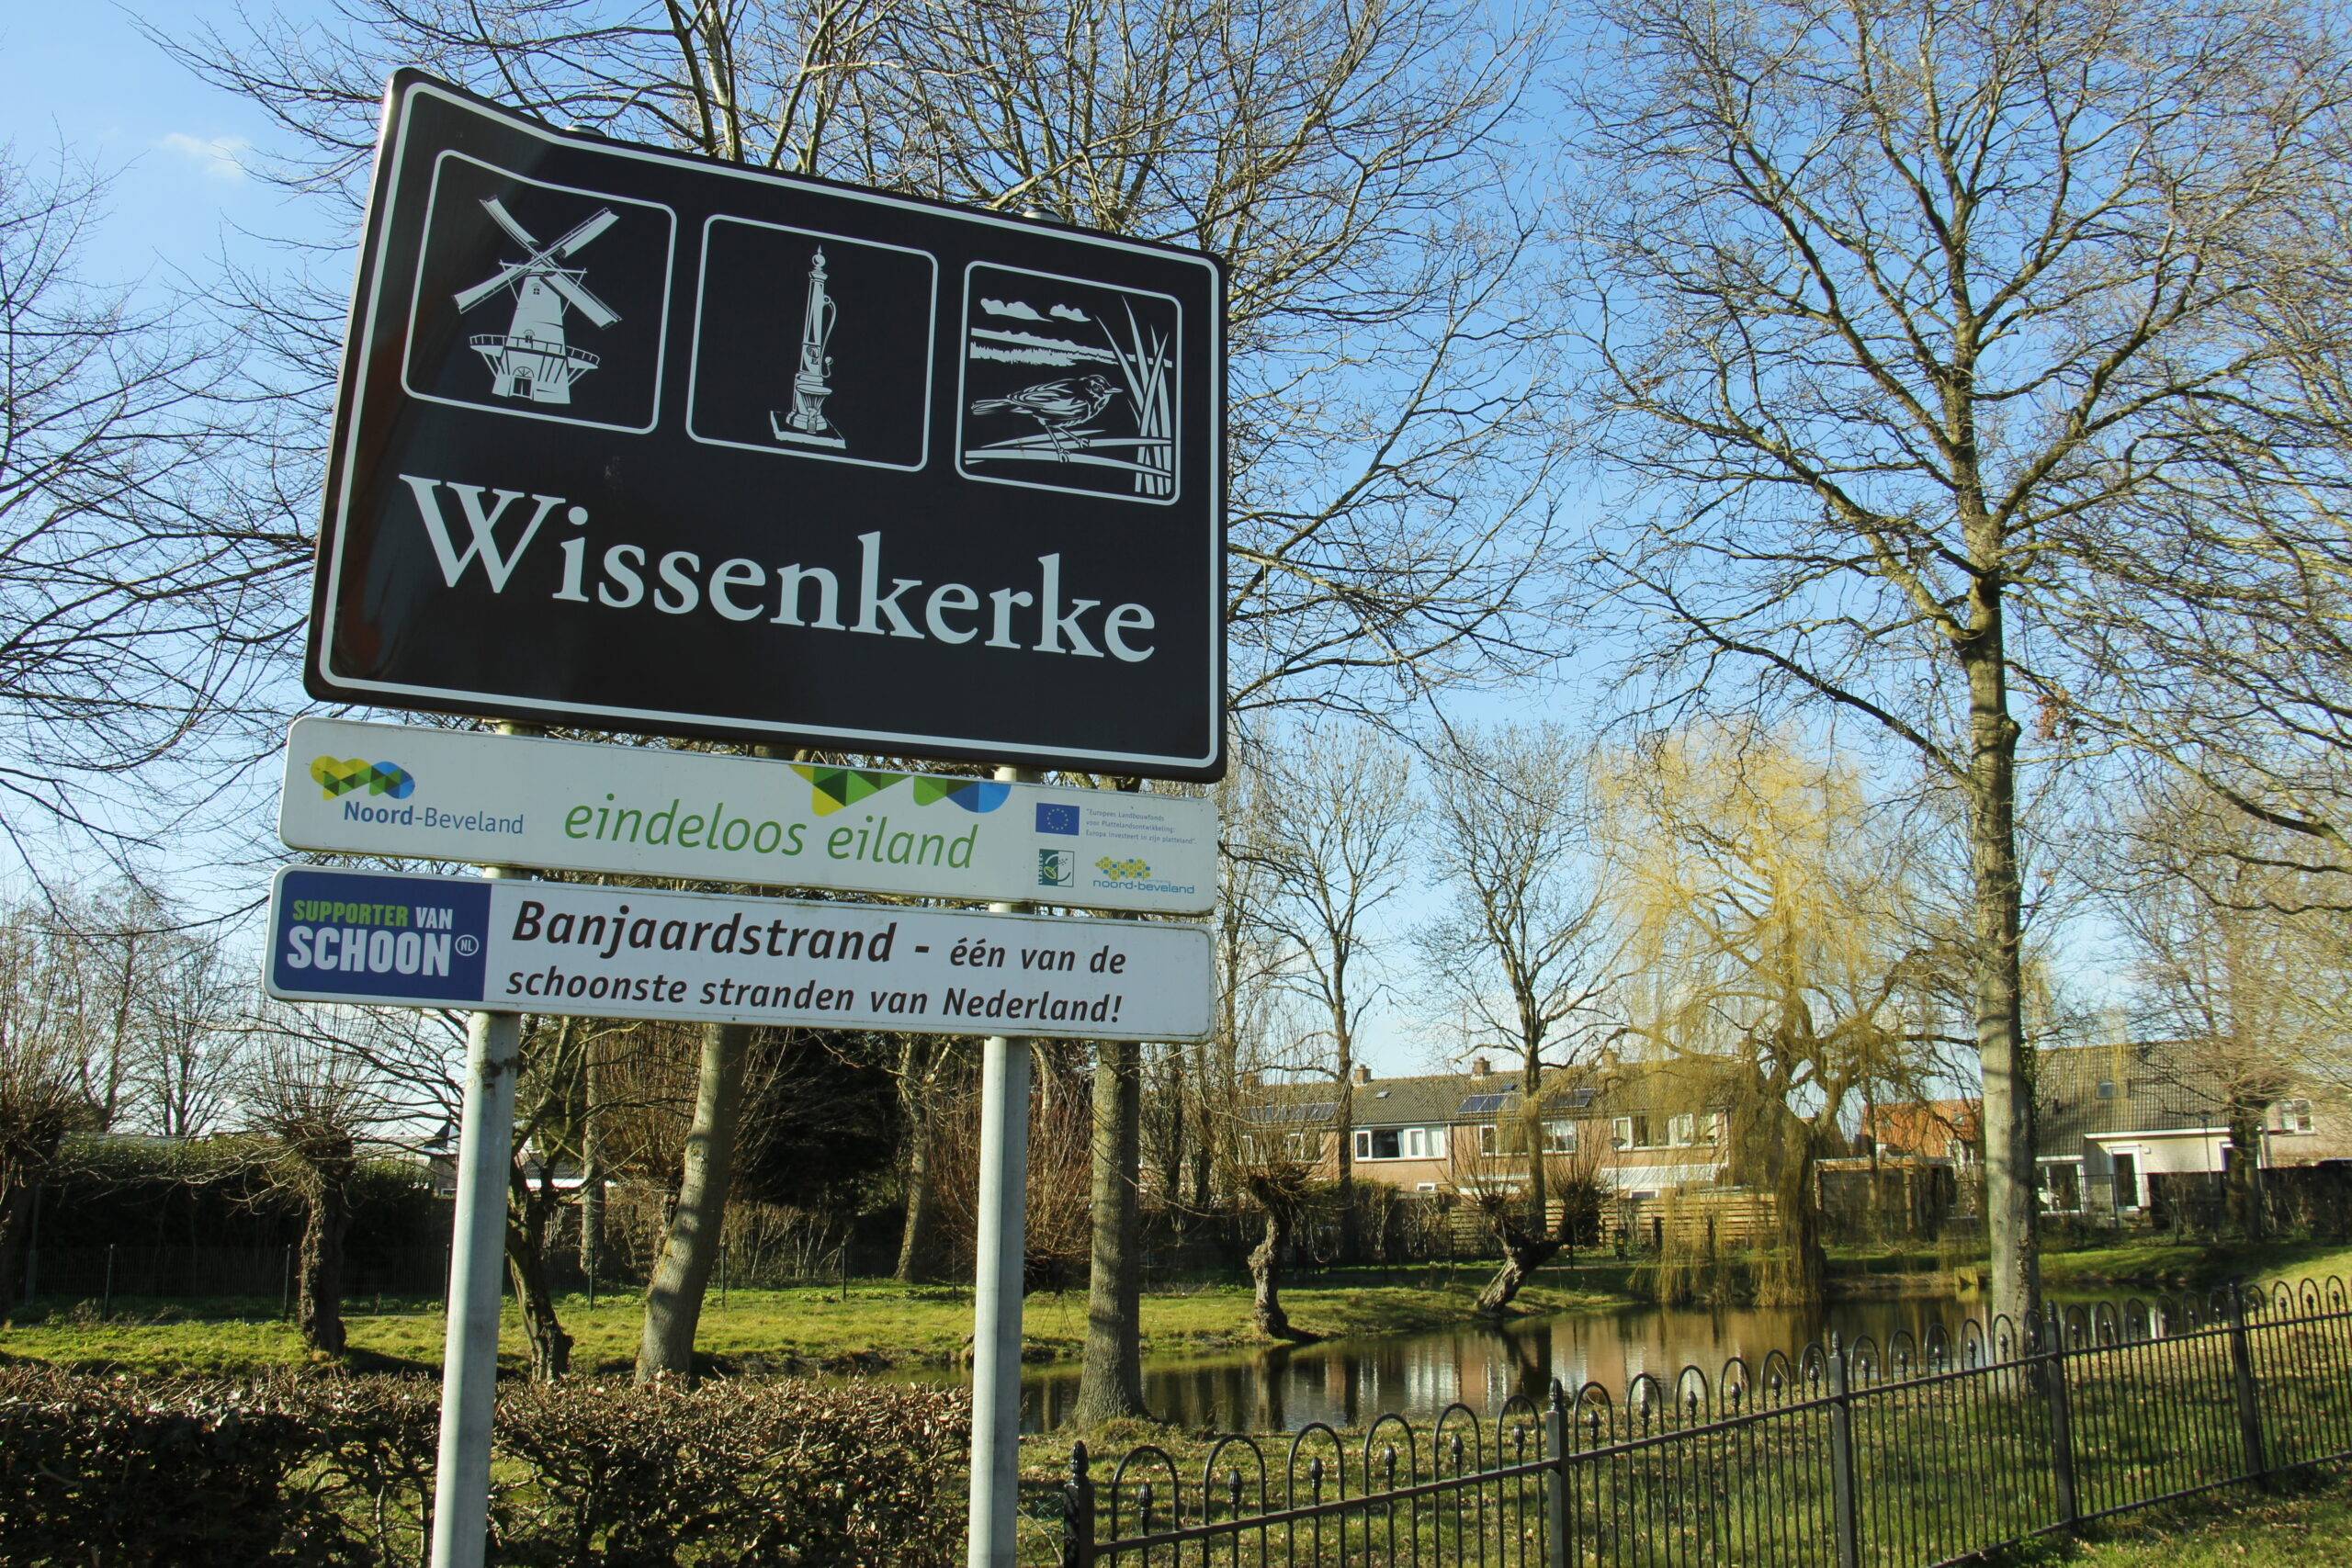 B&B Zeeuwse Zot Wissenkerke